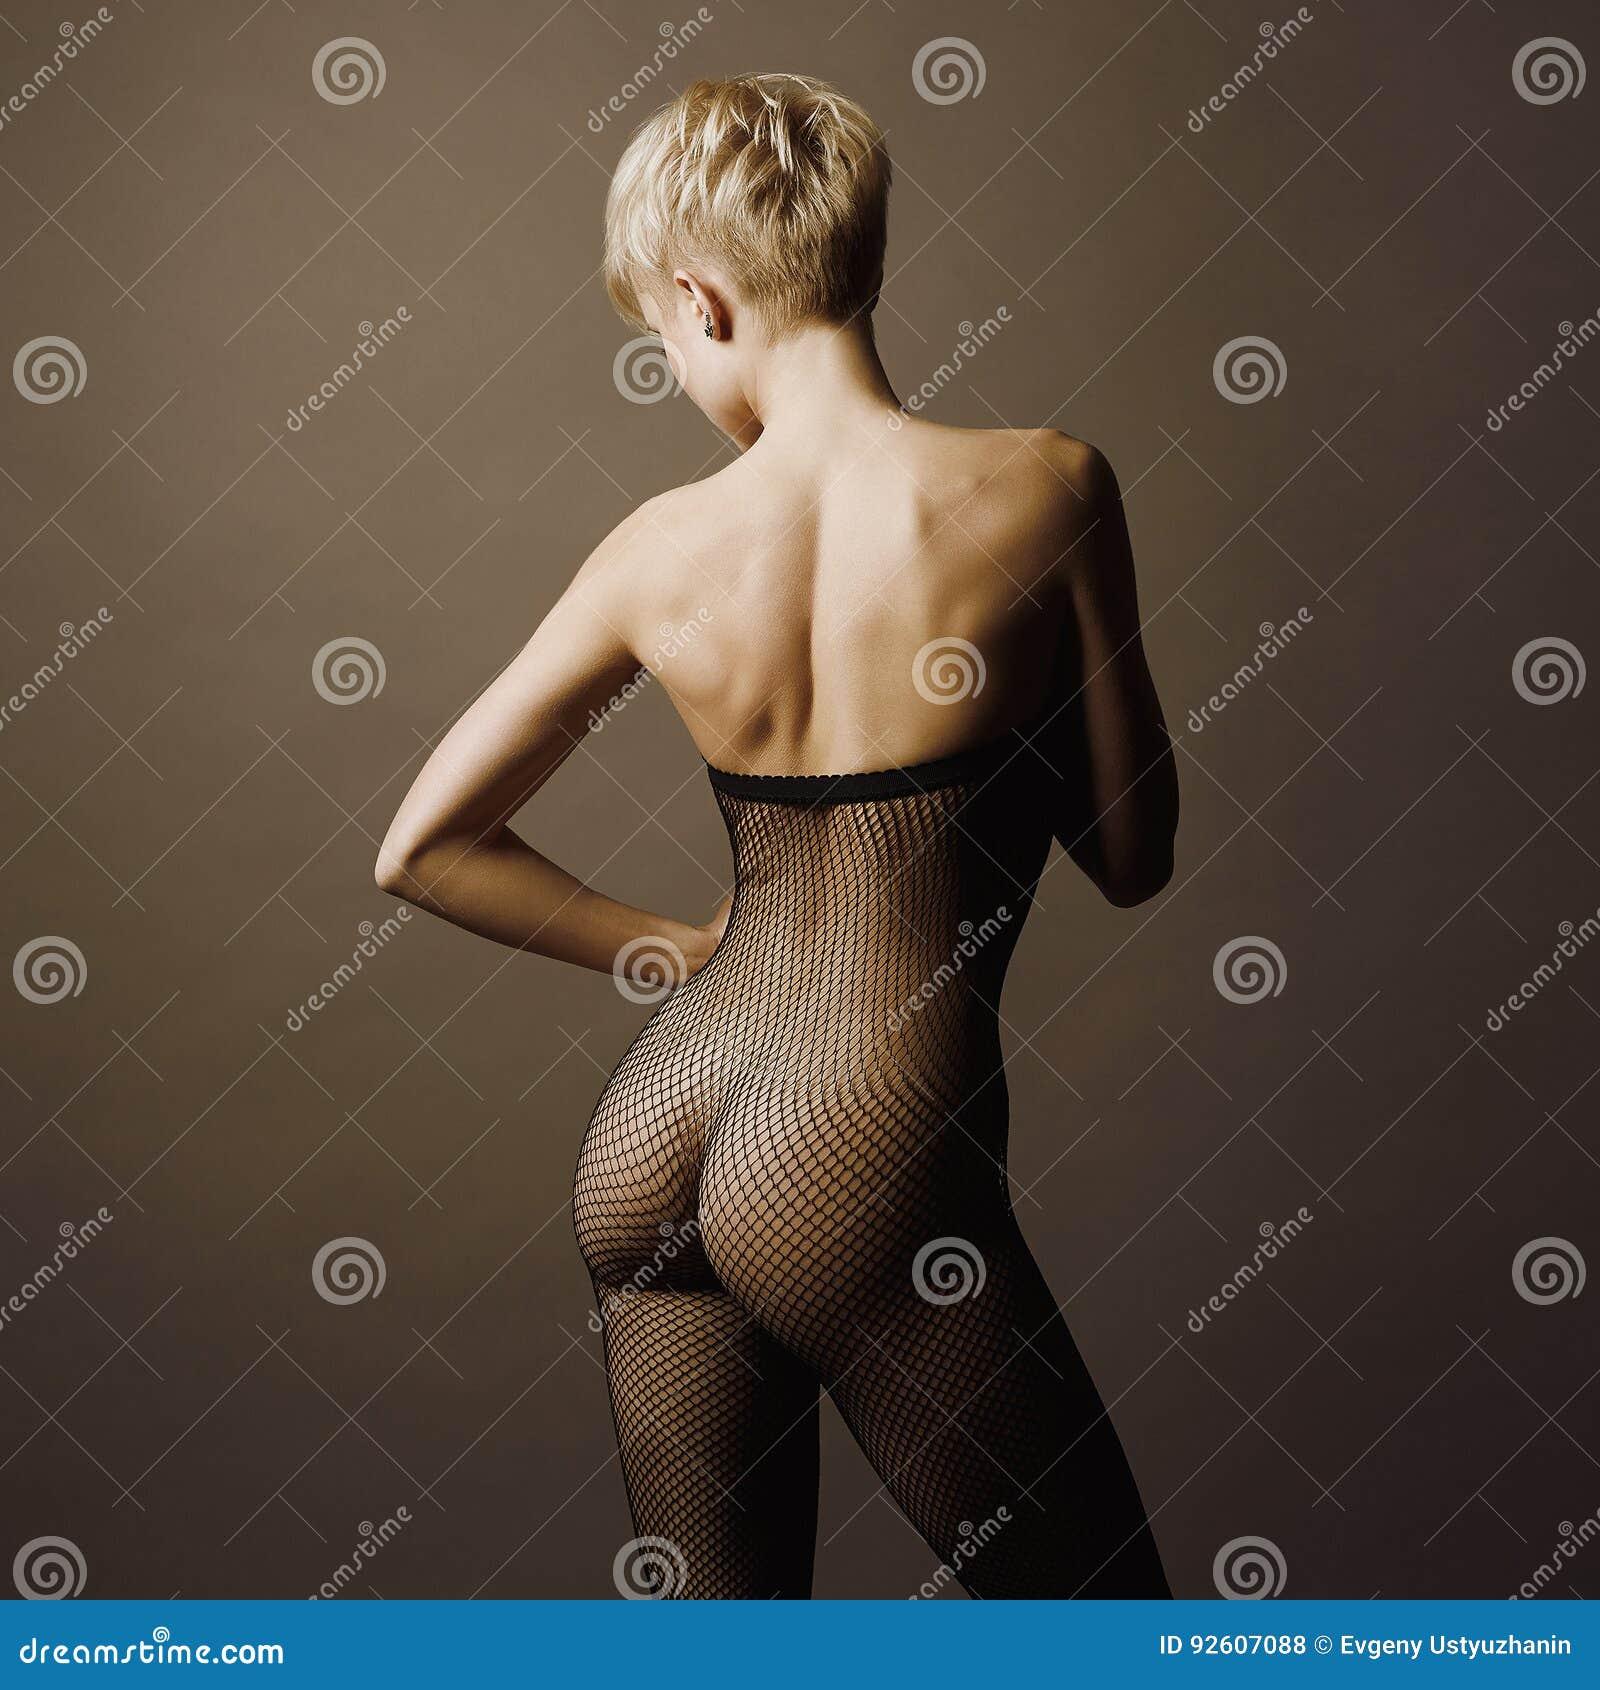 czarna piękność naga największy seks lesbijski